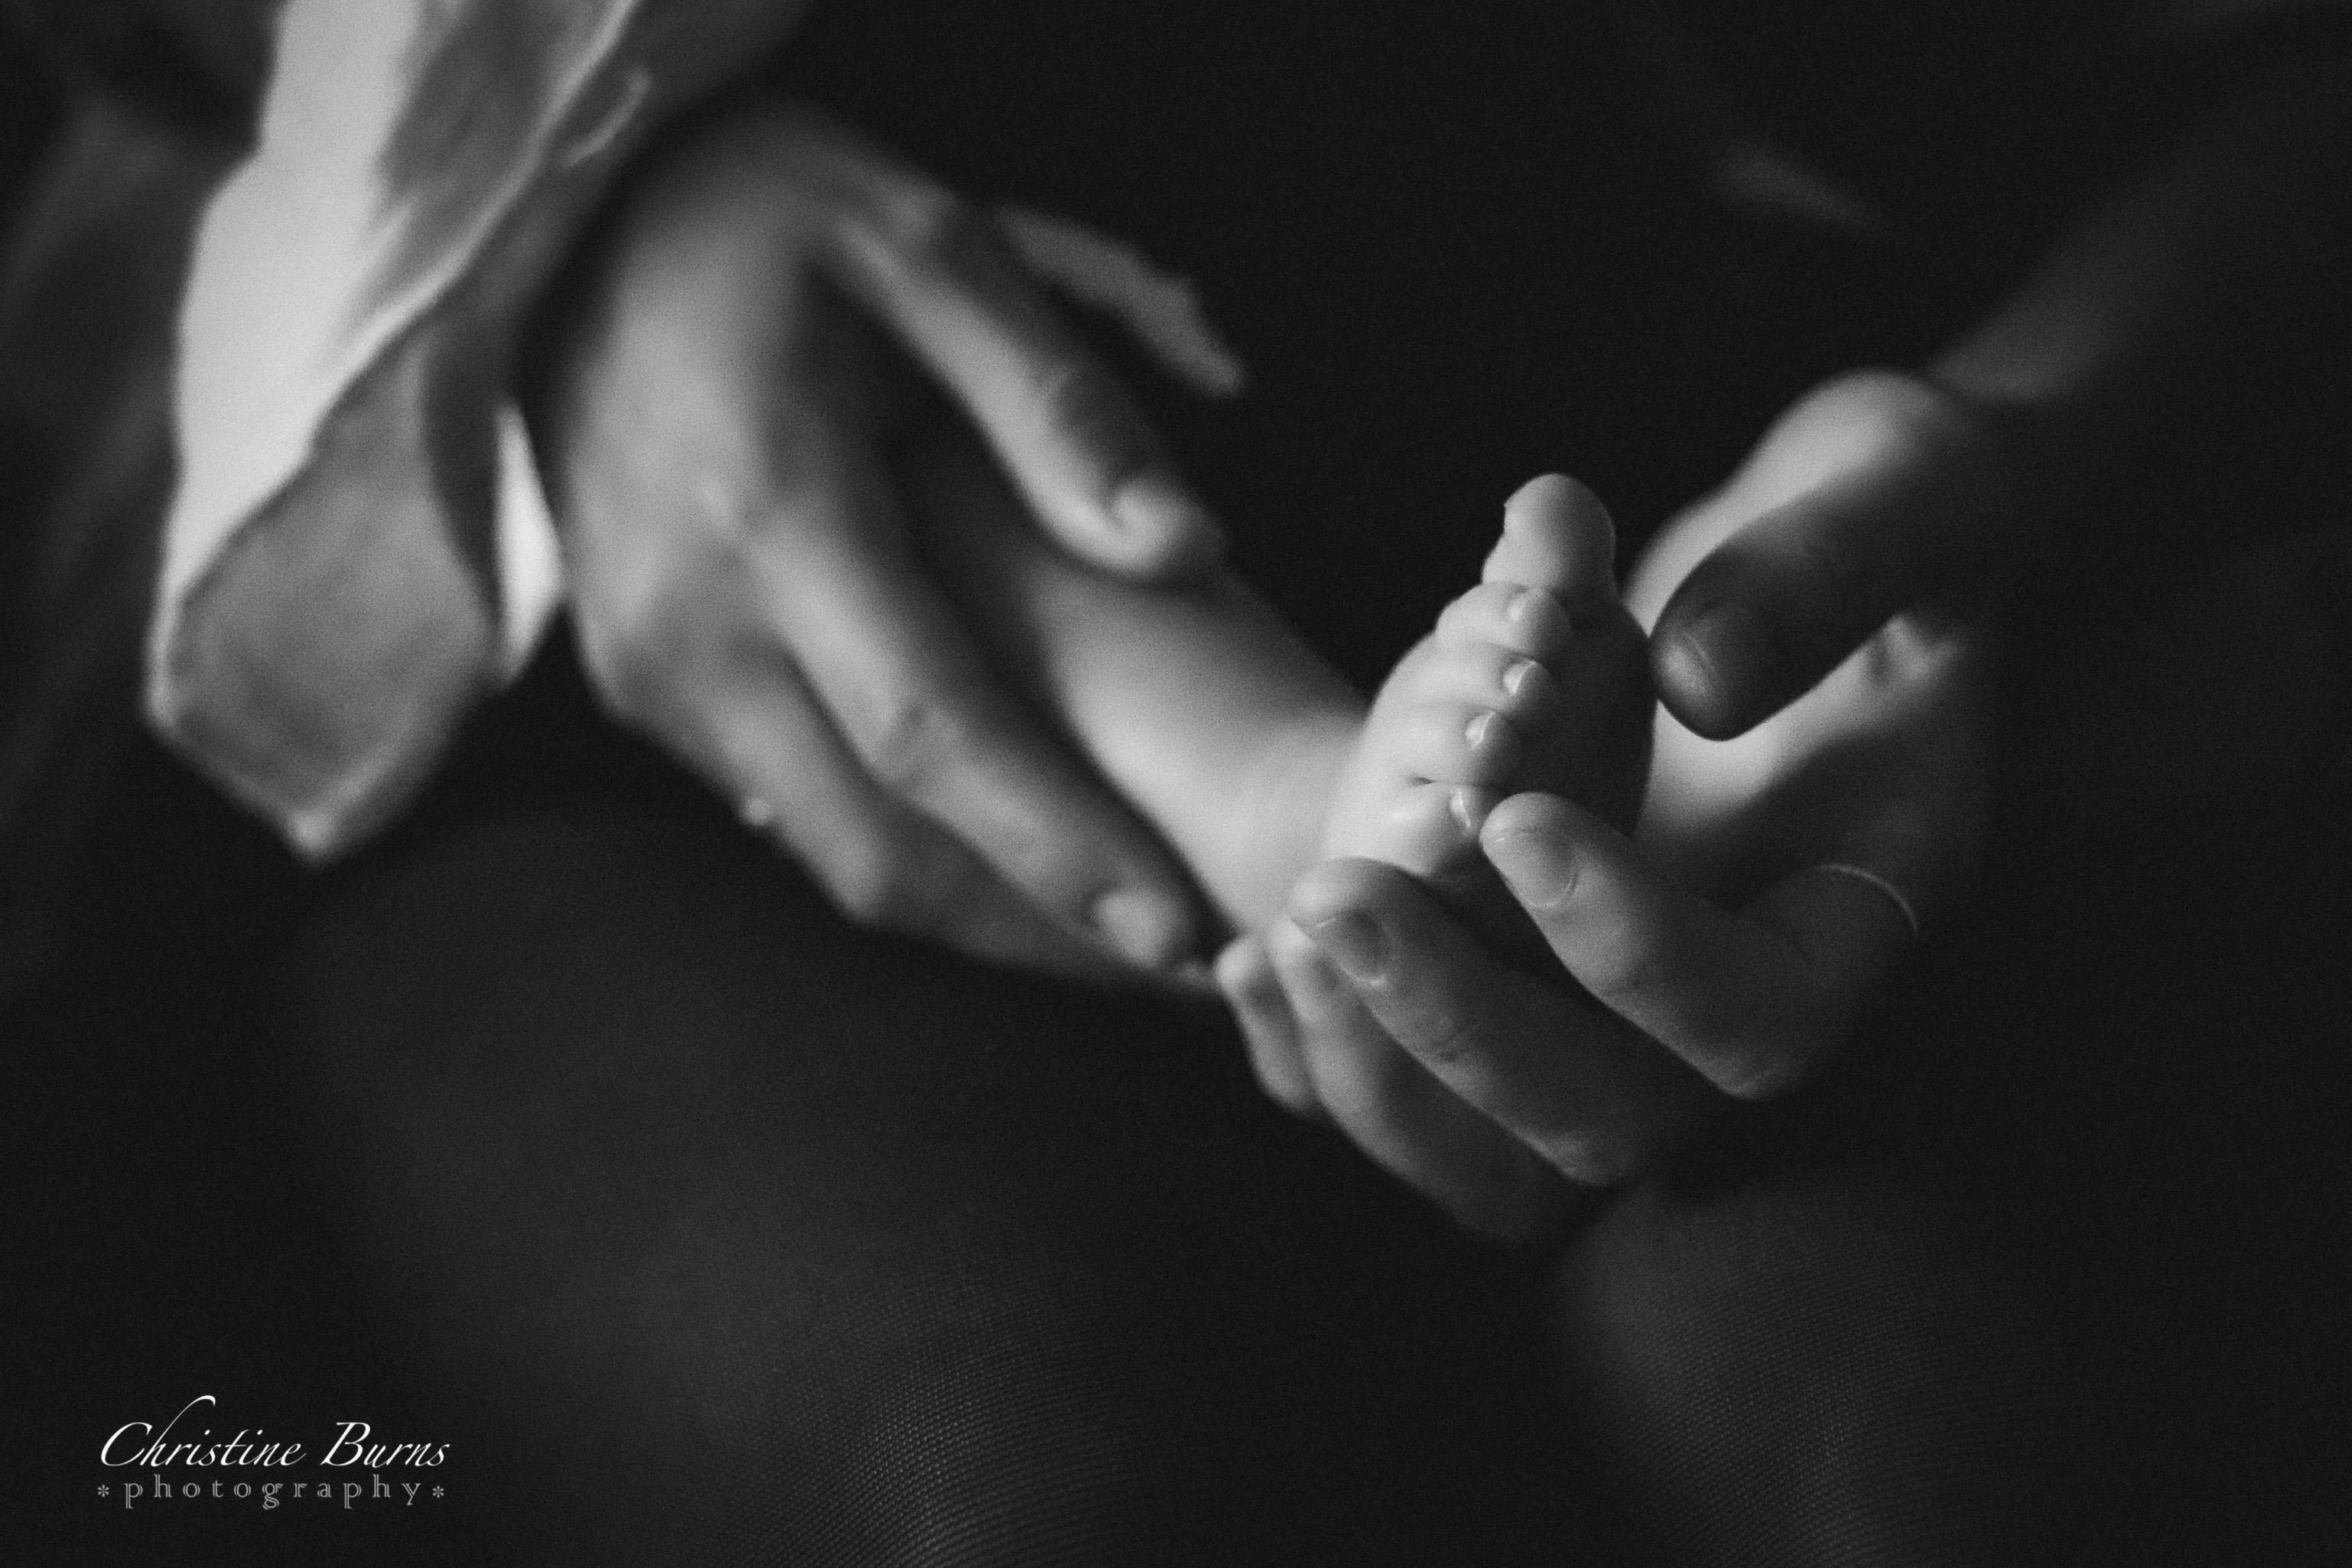 HANDS_BABY_FEET